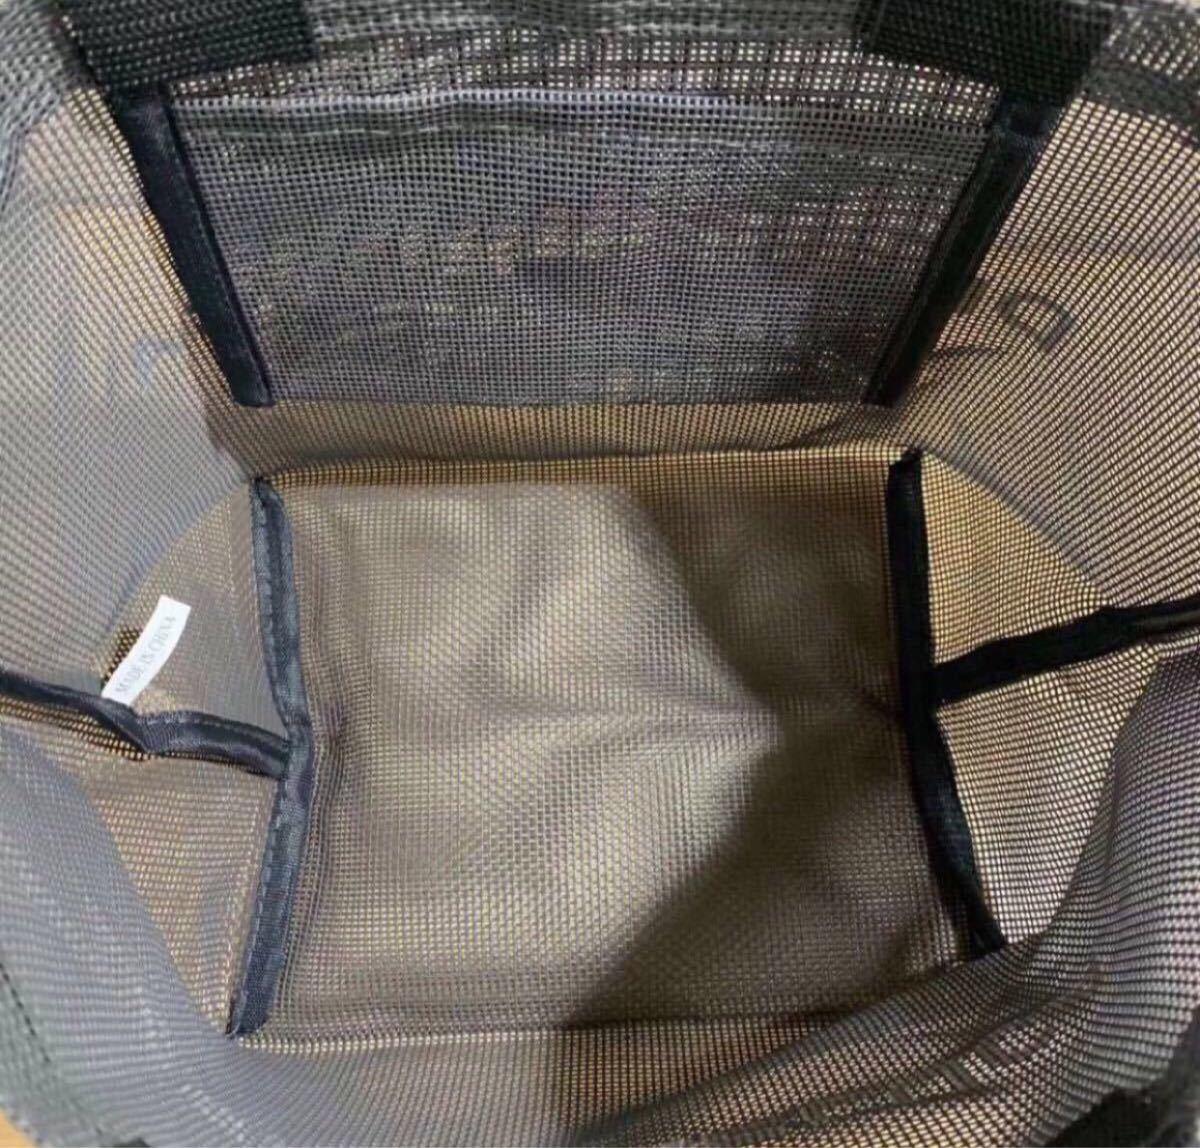 DEAN&DELUCA エコバッグ ショッピングレジ袋  トートバッグ ミニサイズ